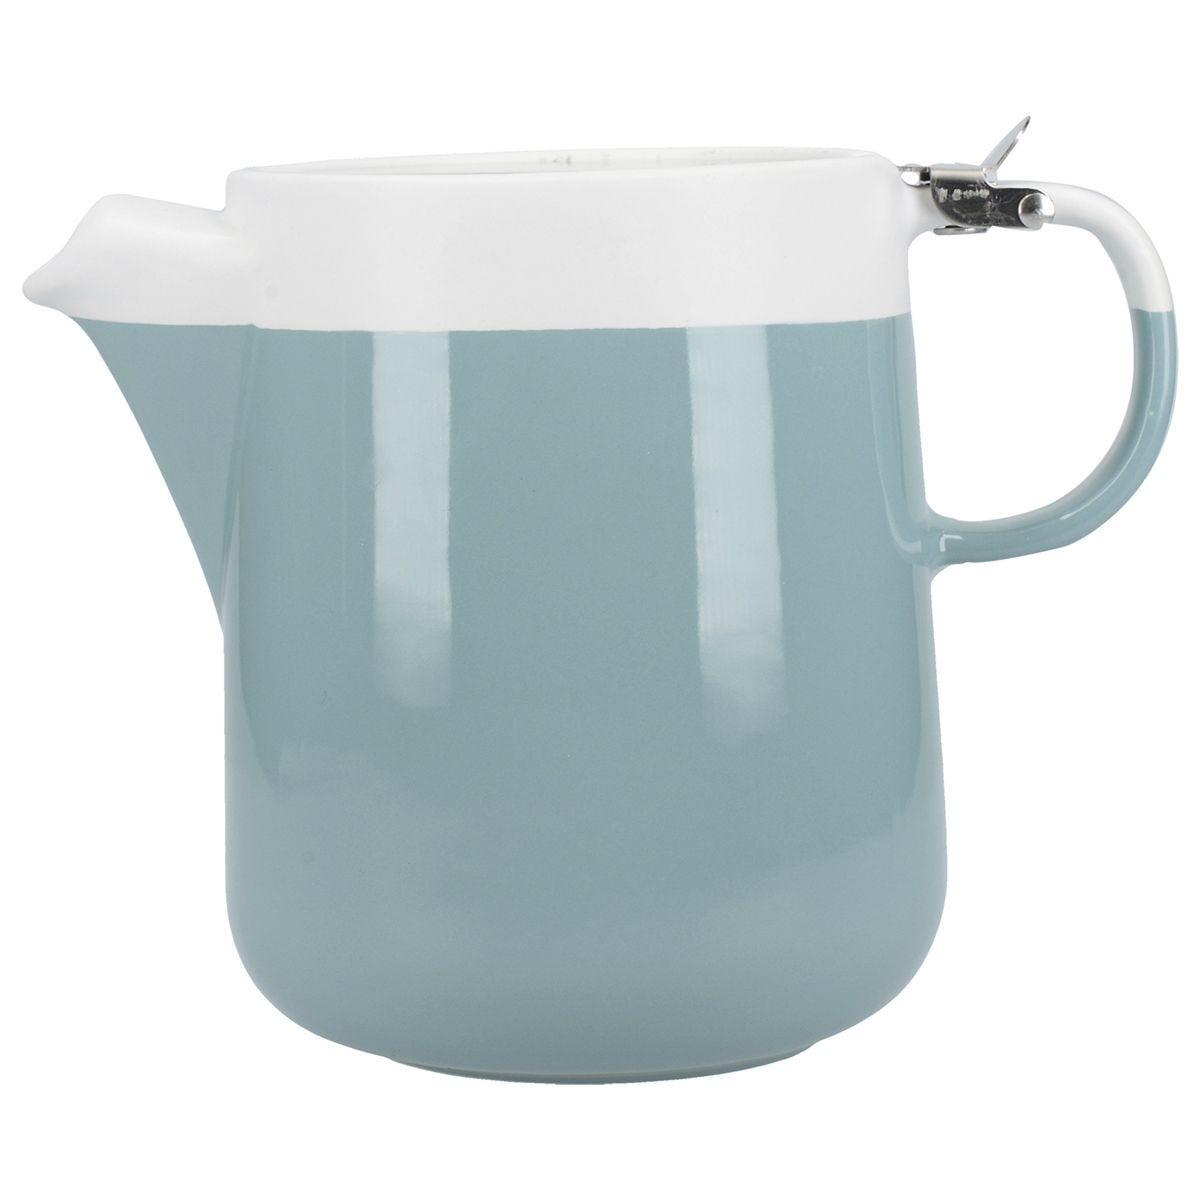 La Cafetiere Ceramic Barcelona Four Cup Teapot - Retro Blue 1.2 Litres